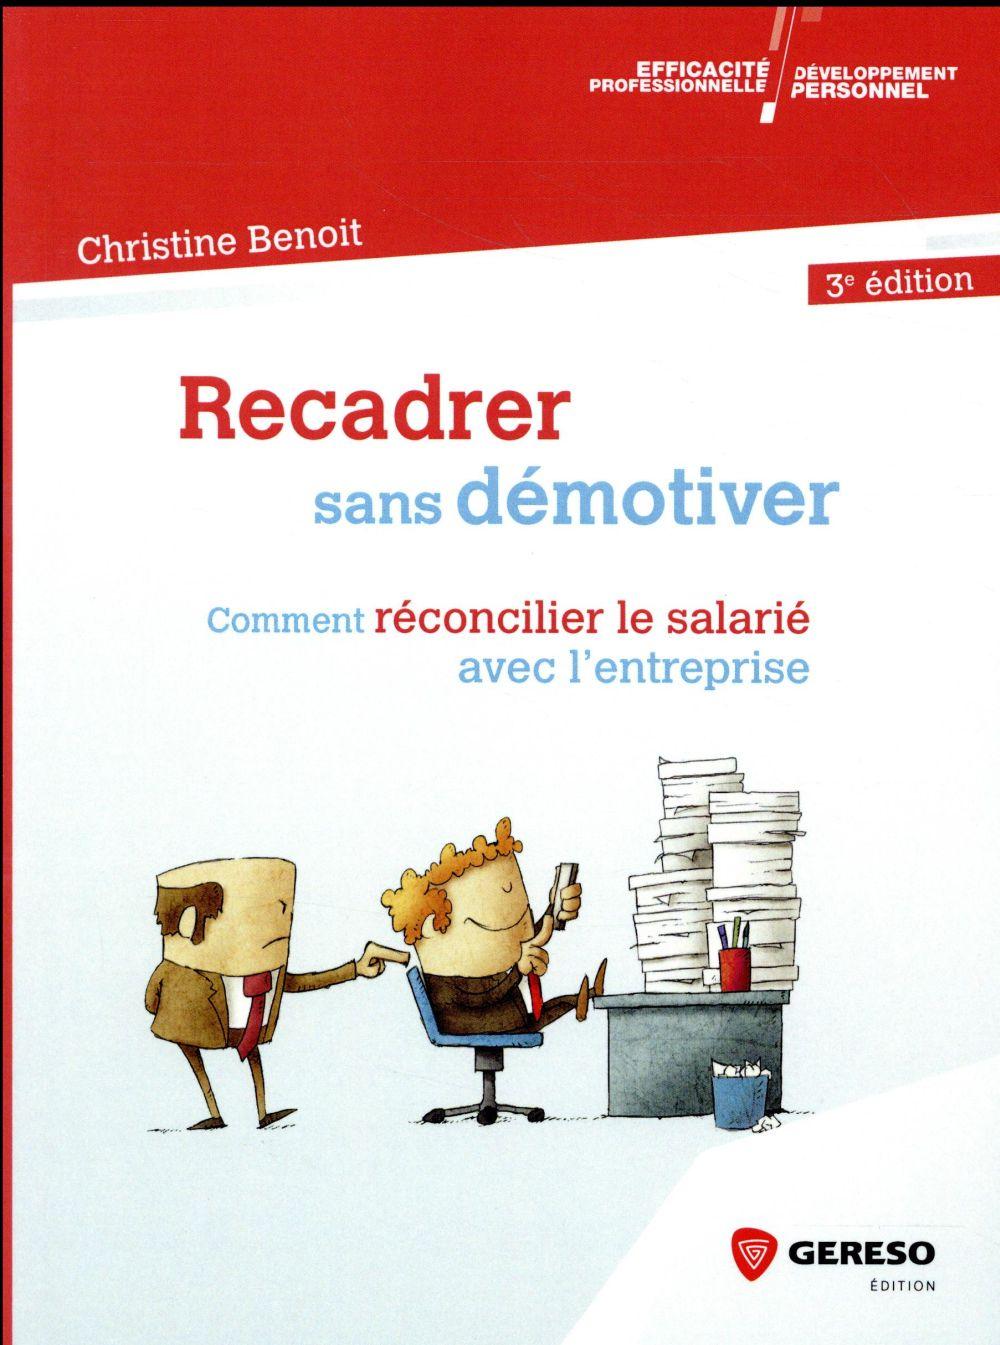 RECADRER SANS DEMOTIVER - COMMENT RECONCILIER LE SALARIE AVEC L ENTREPRISE